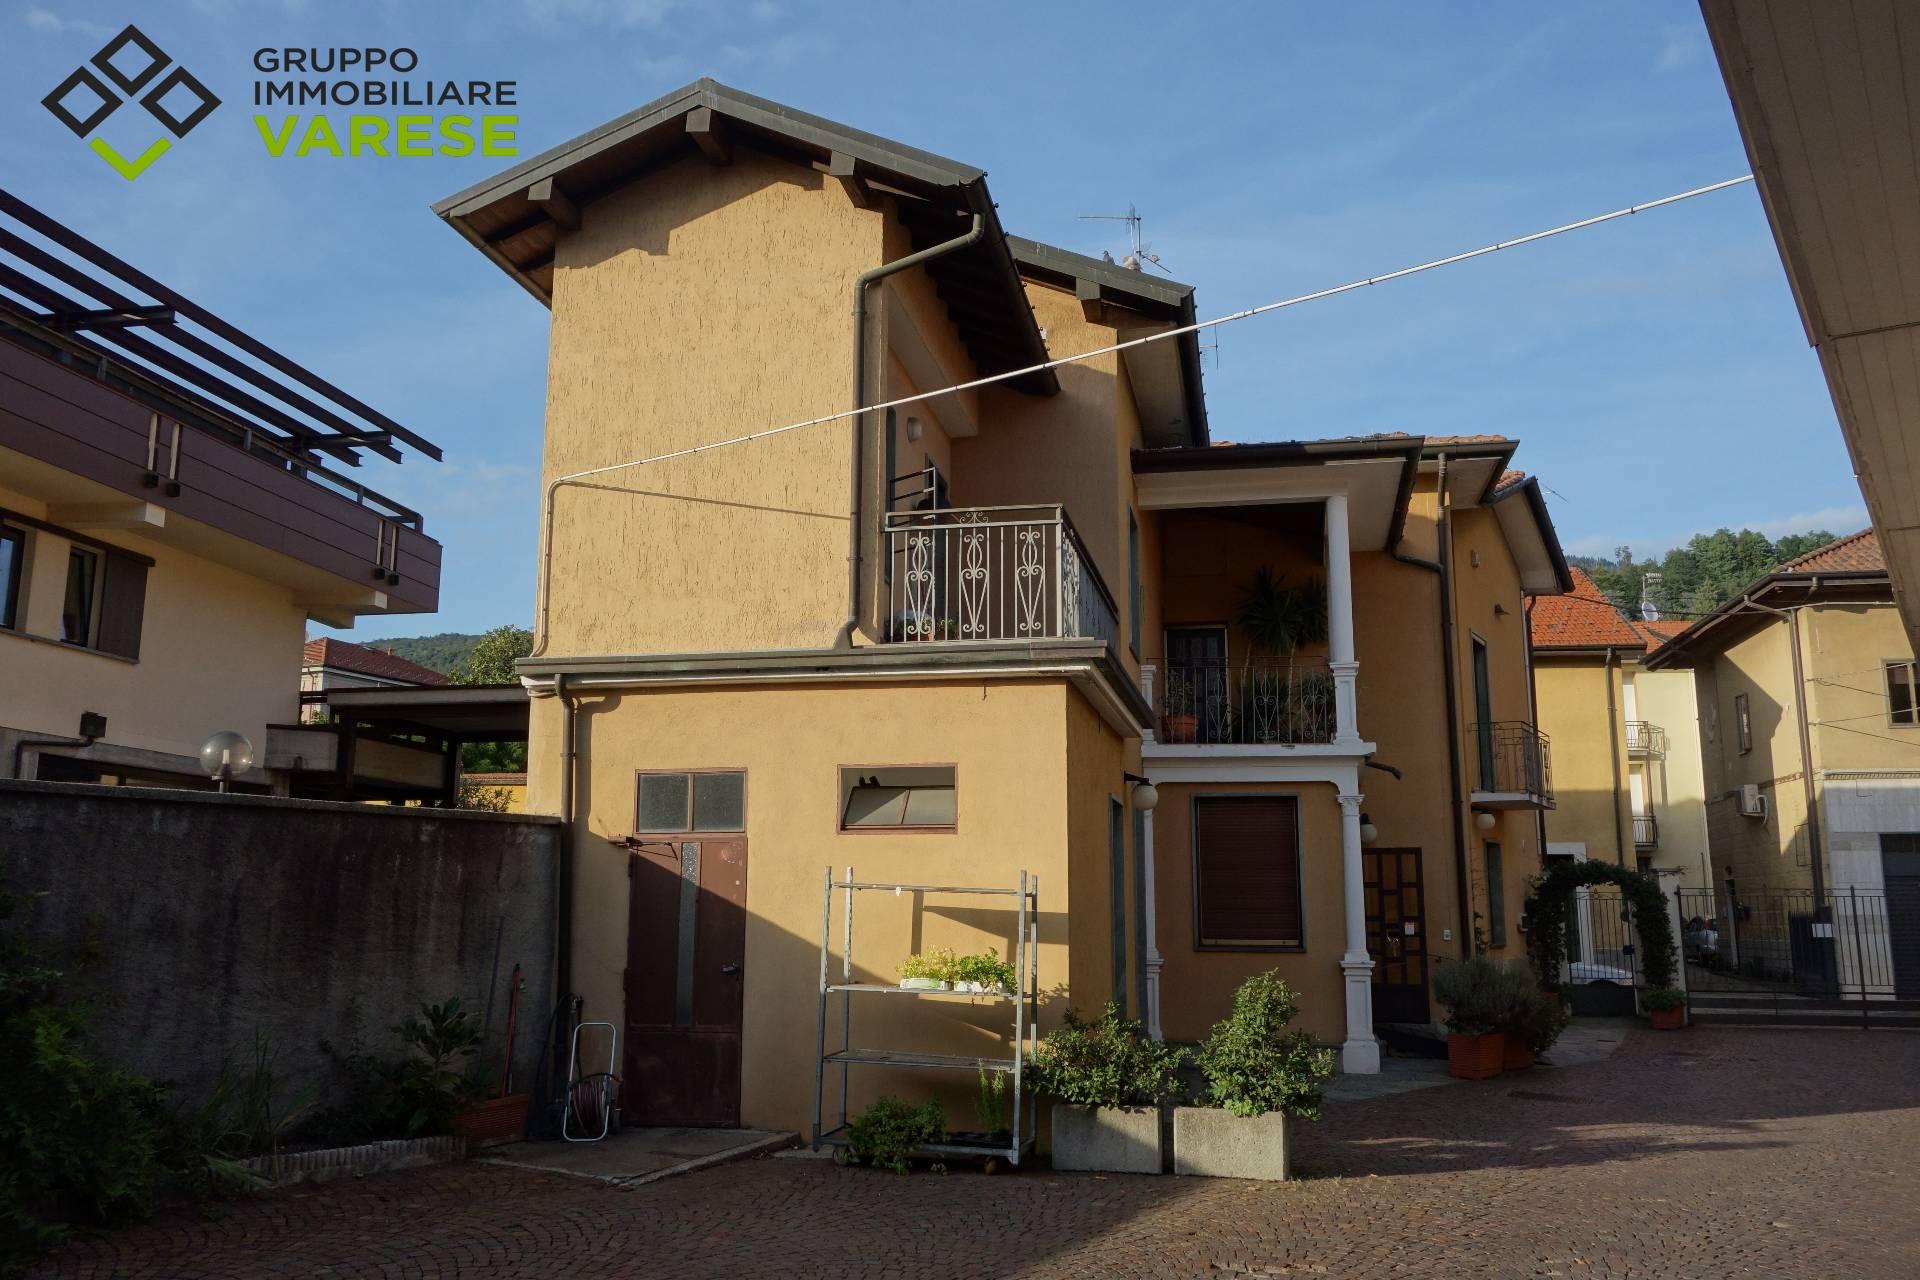 Soluzione Indipendente in vendita a Gavirate, 4 locali, prezzo € 230.000 | CambioCasa.it